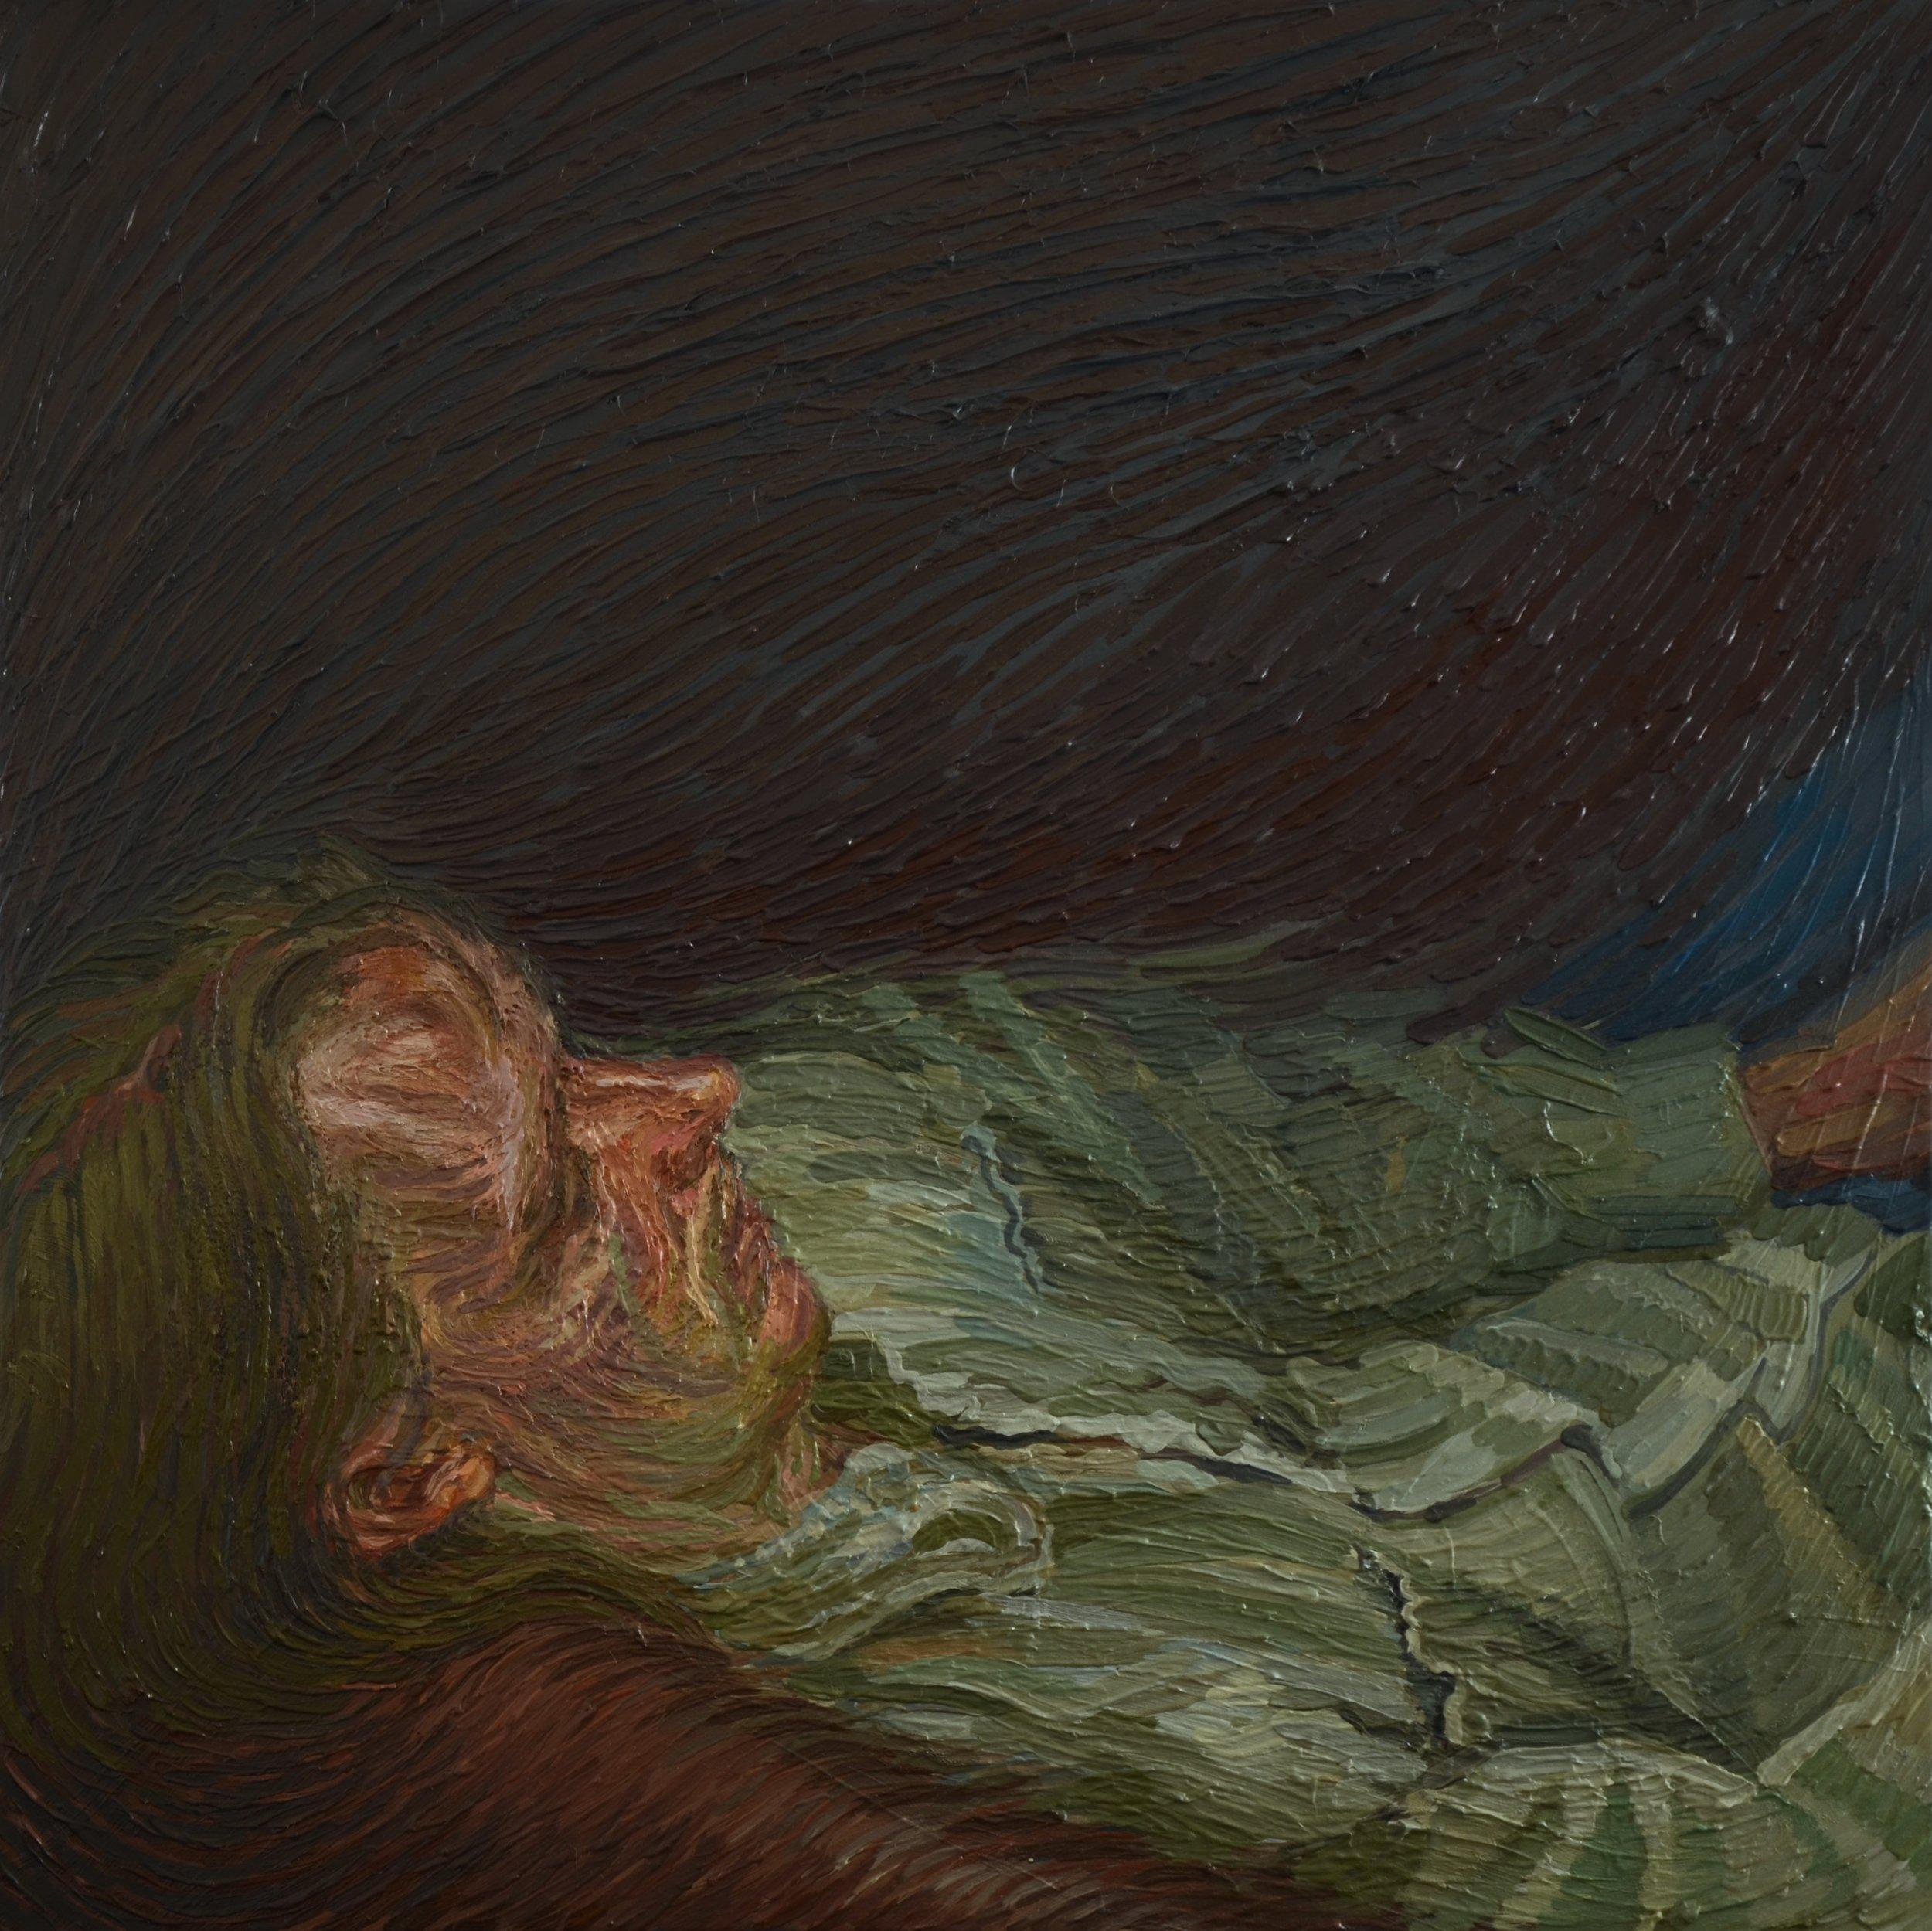 Charlie Schaffer, Chris, oil on canvas, 75 x 75 cm,  http://www.charlieschaffer.com